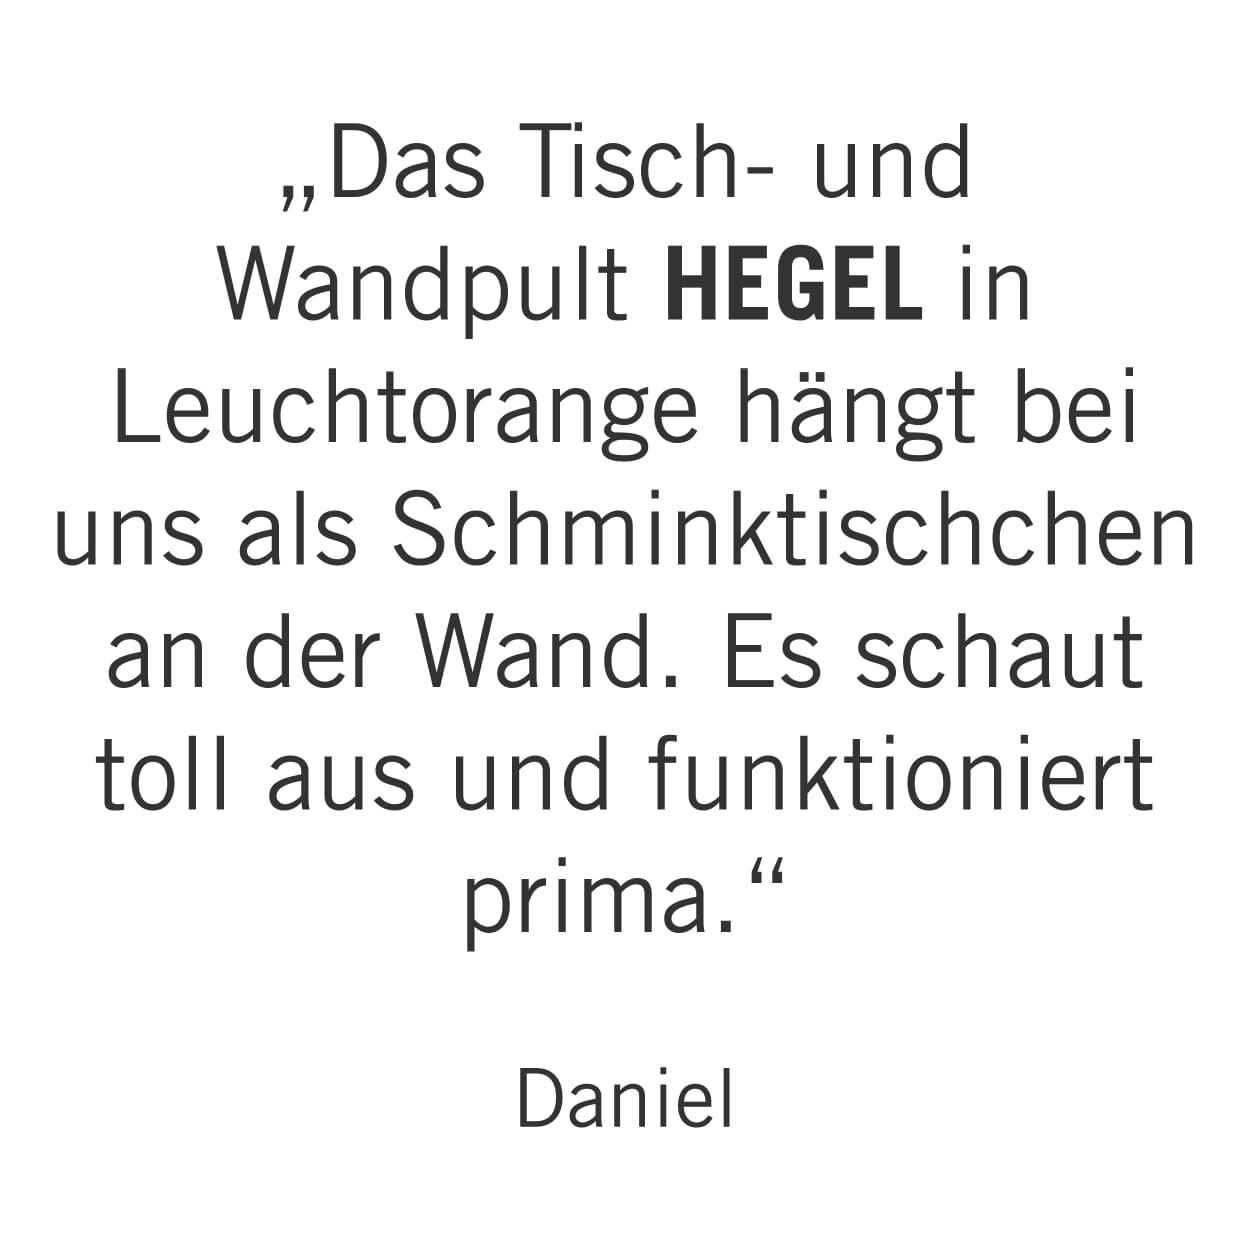 TISCH- UND WANDPULT HEGEL